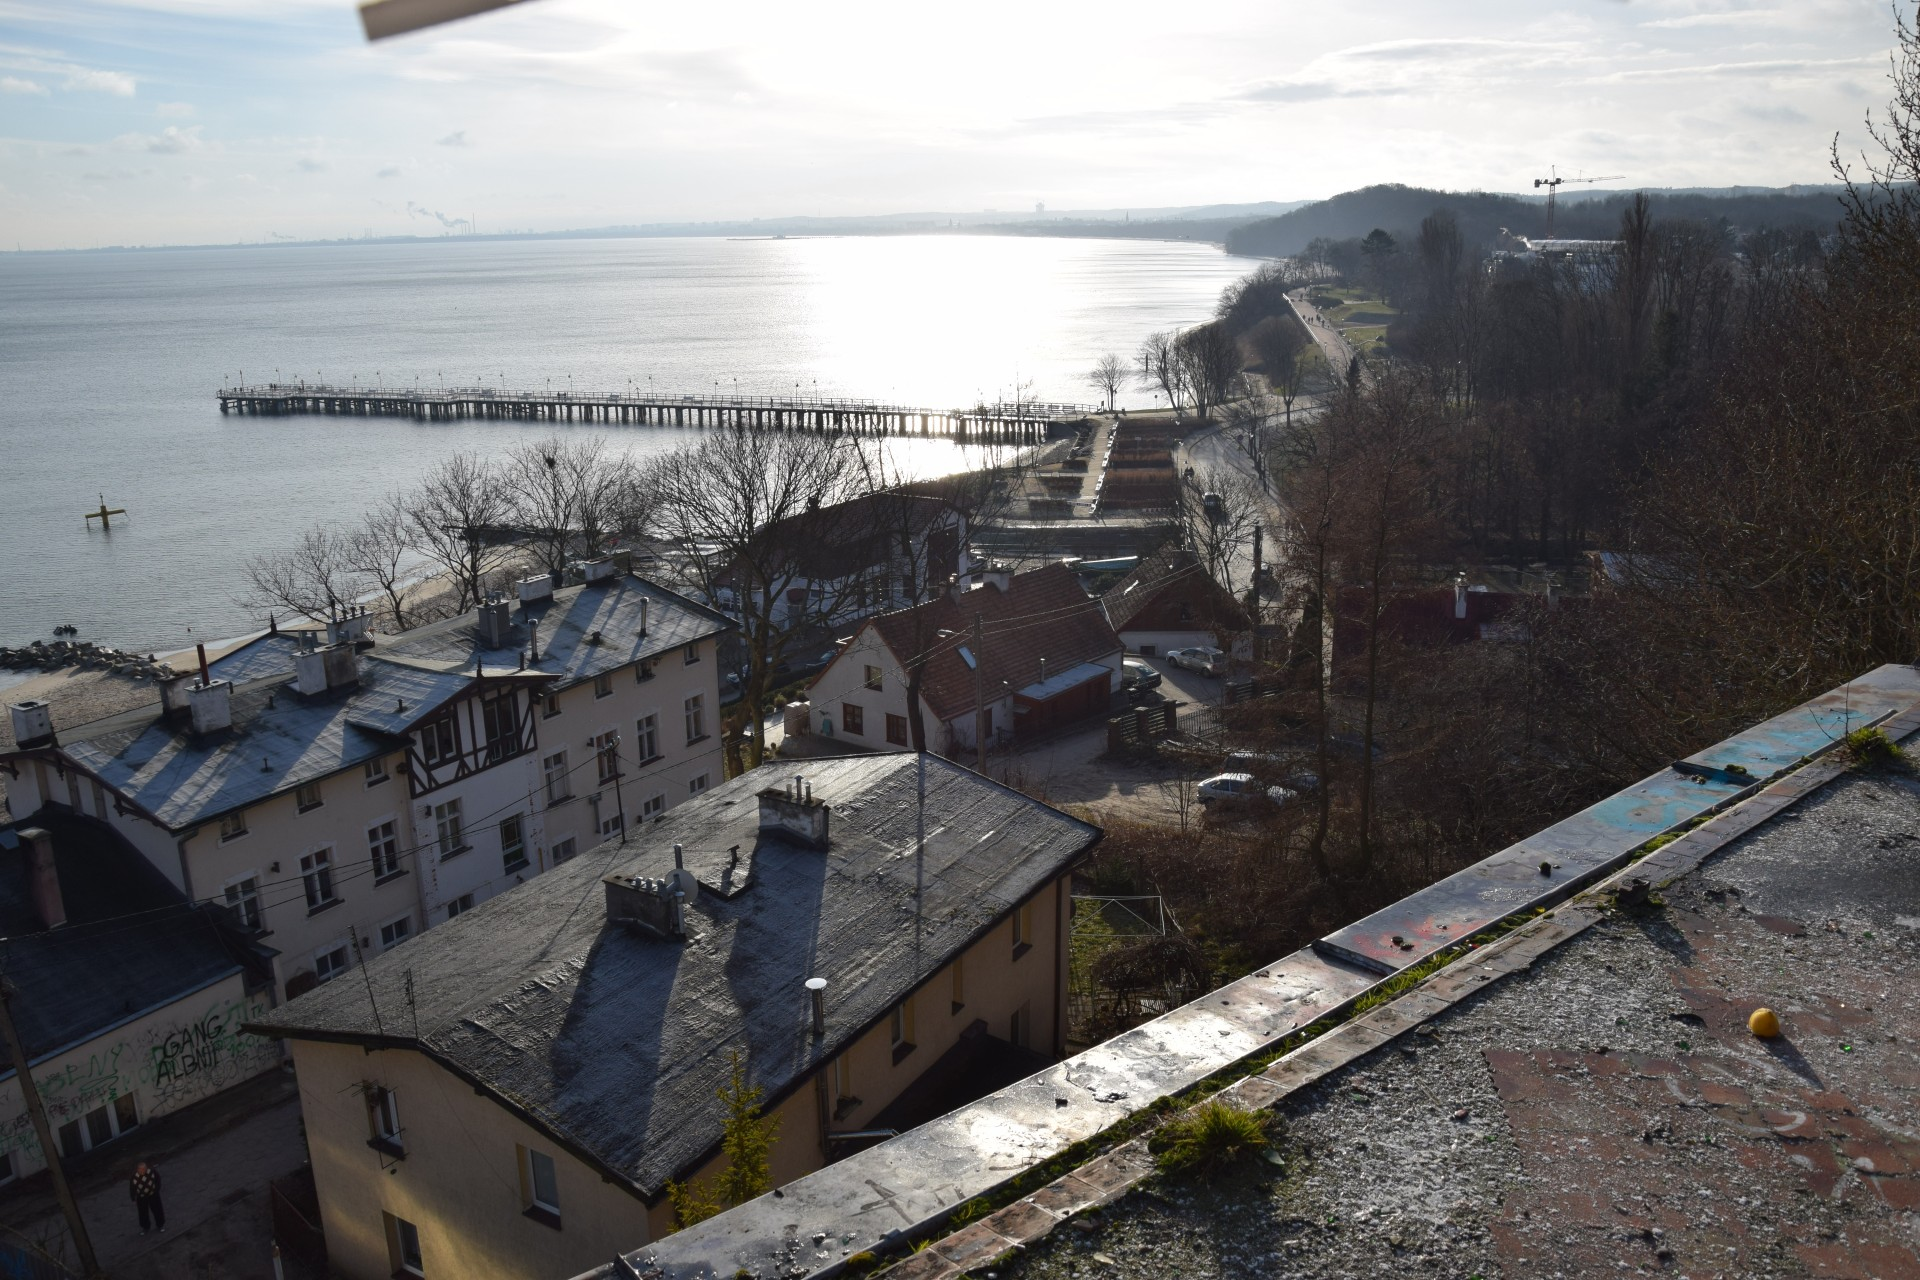 Druga wyprawa do wsi Gdynia 22